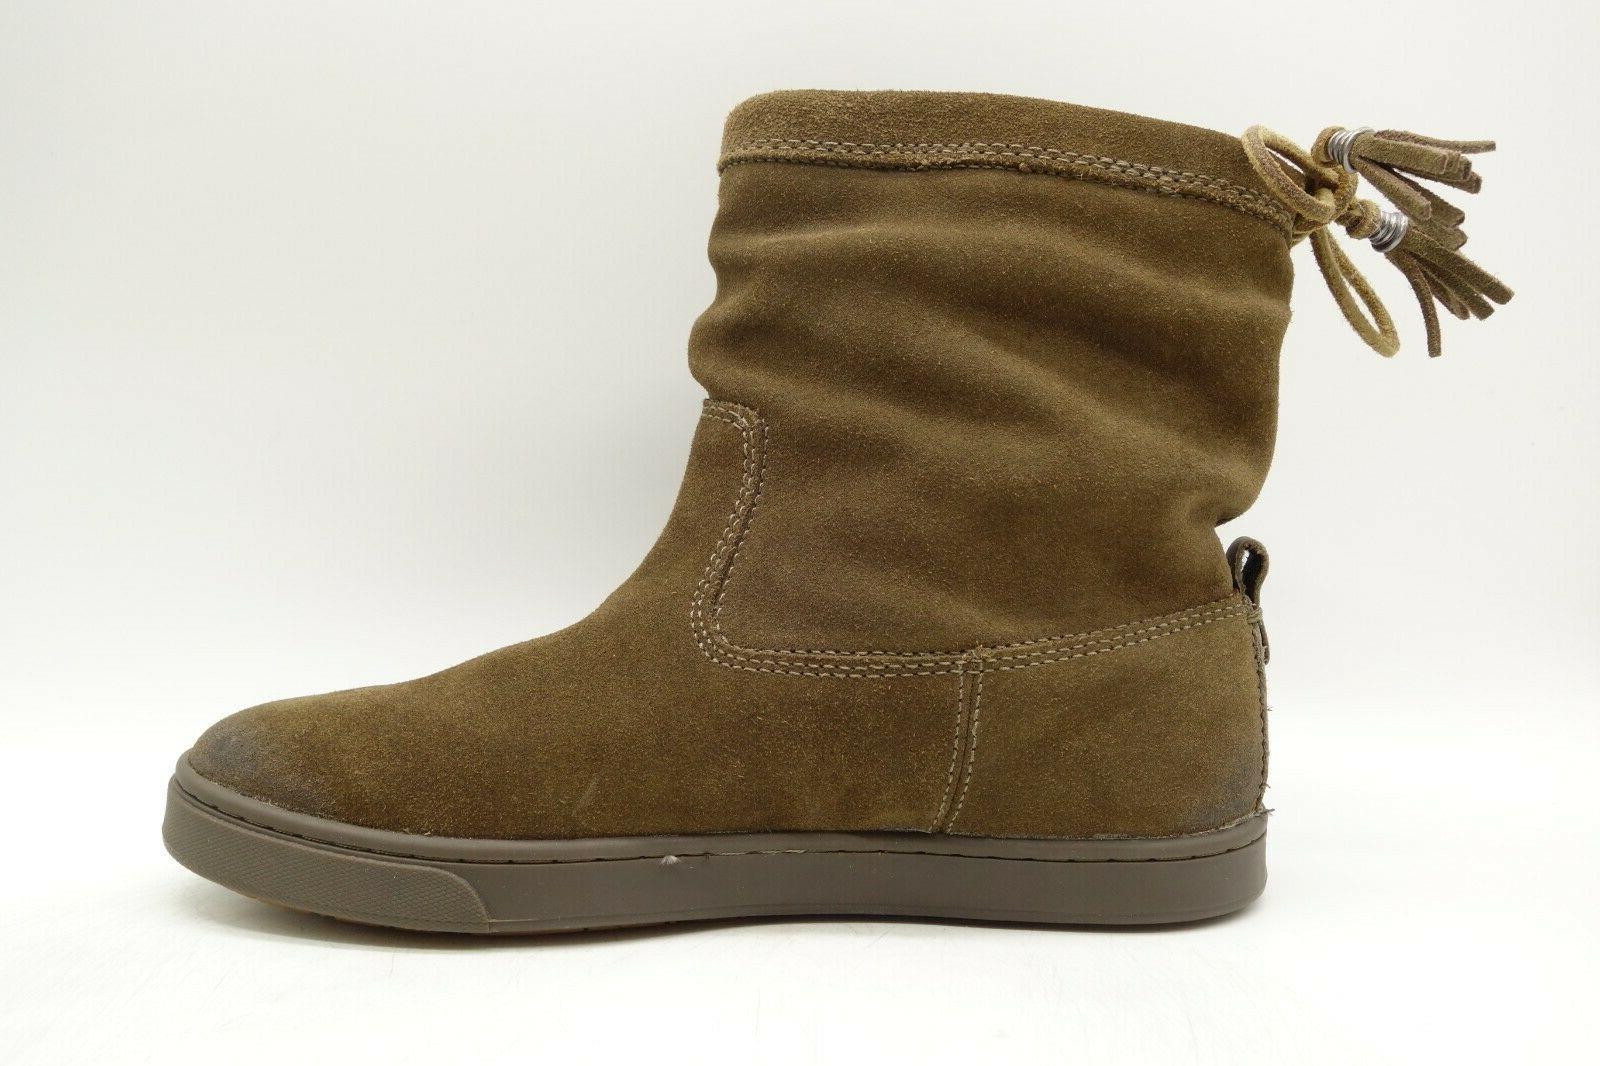 Olukai Kapa Tassel On Boots Shoes Women's